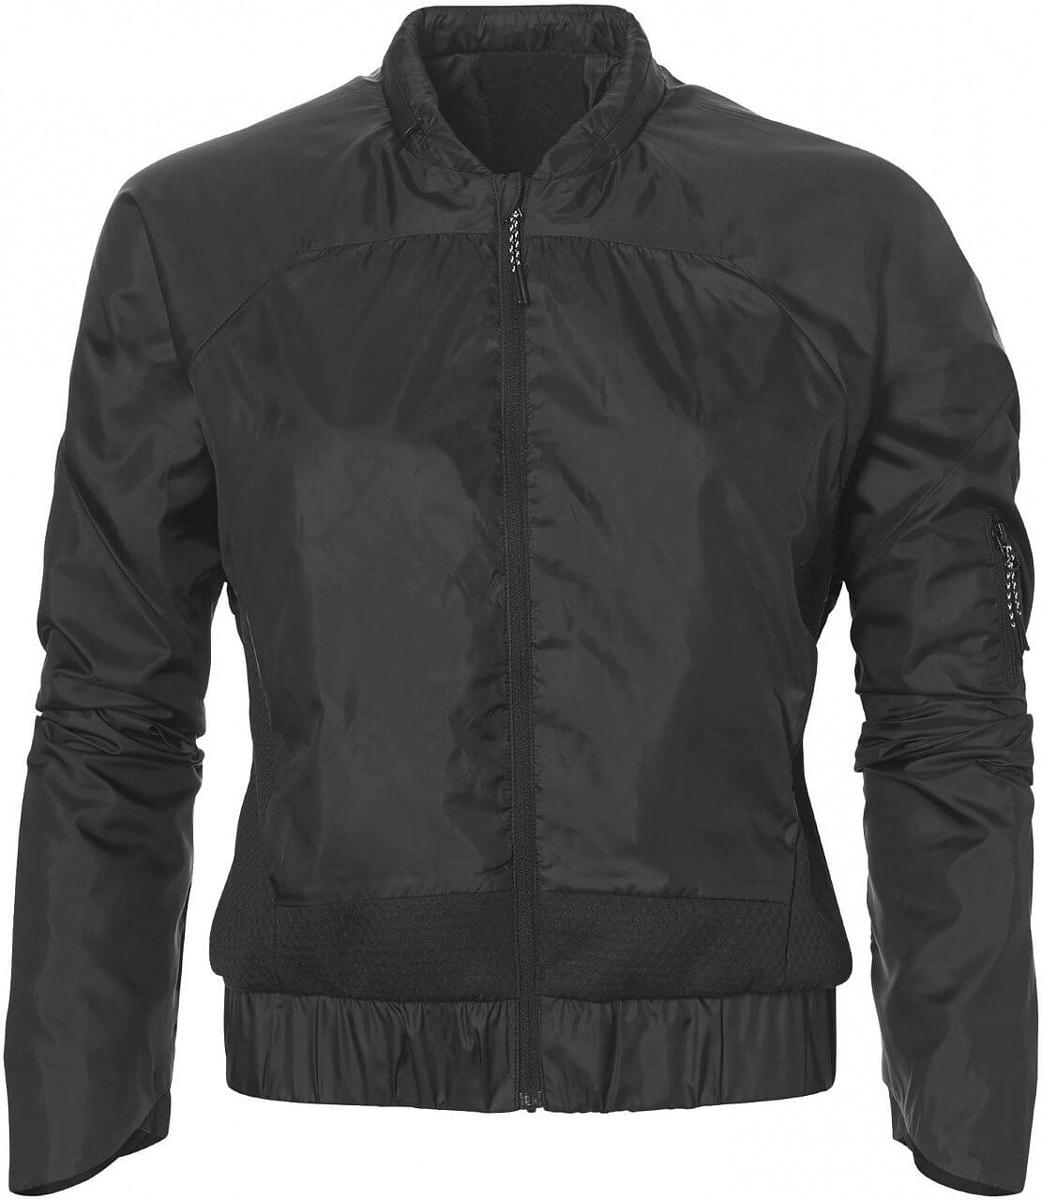 Куртка женская Asics Tech Jacket, цвет: черный. 146413-0904. Размер L (48/50)146413-0904Спортивная куртка от Asics станет вашим лучшим другом на разминке, в перерывах между сетами и на корте в прохладную погоду.